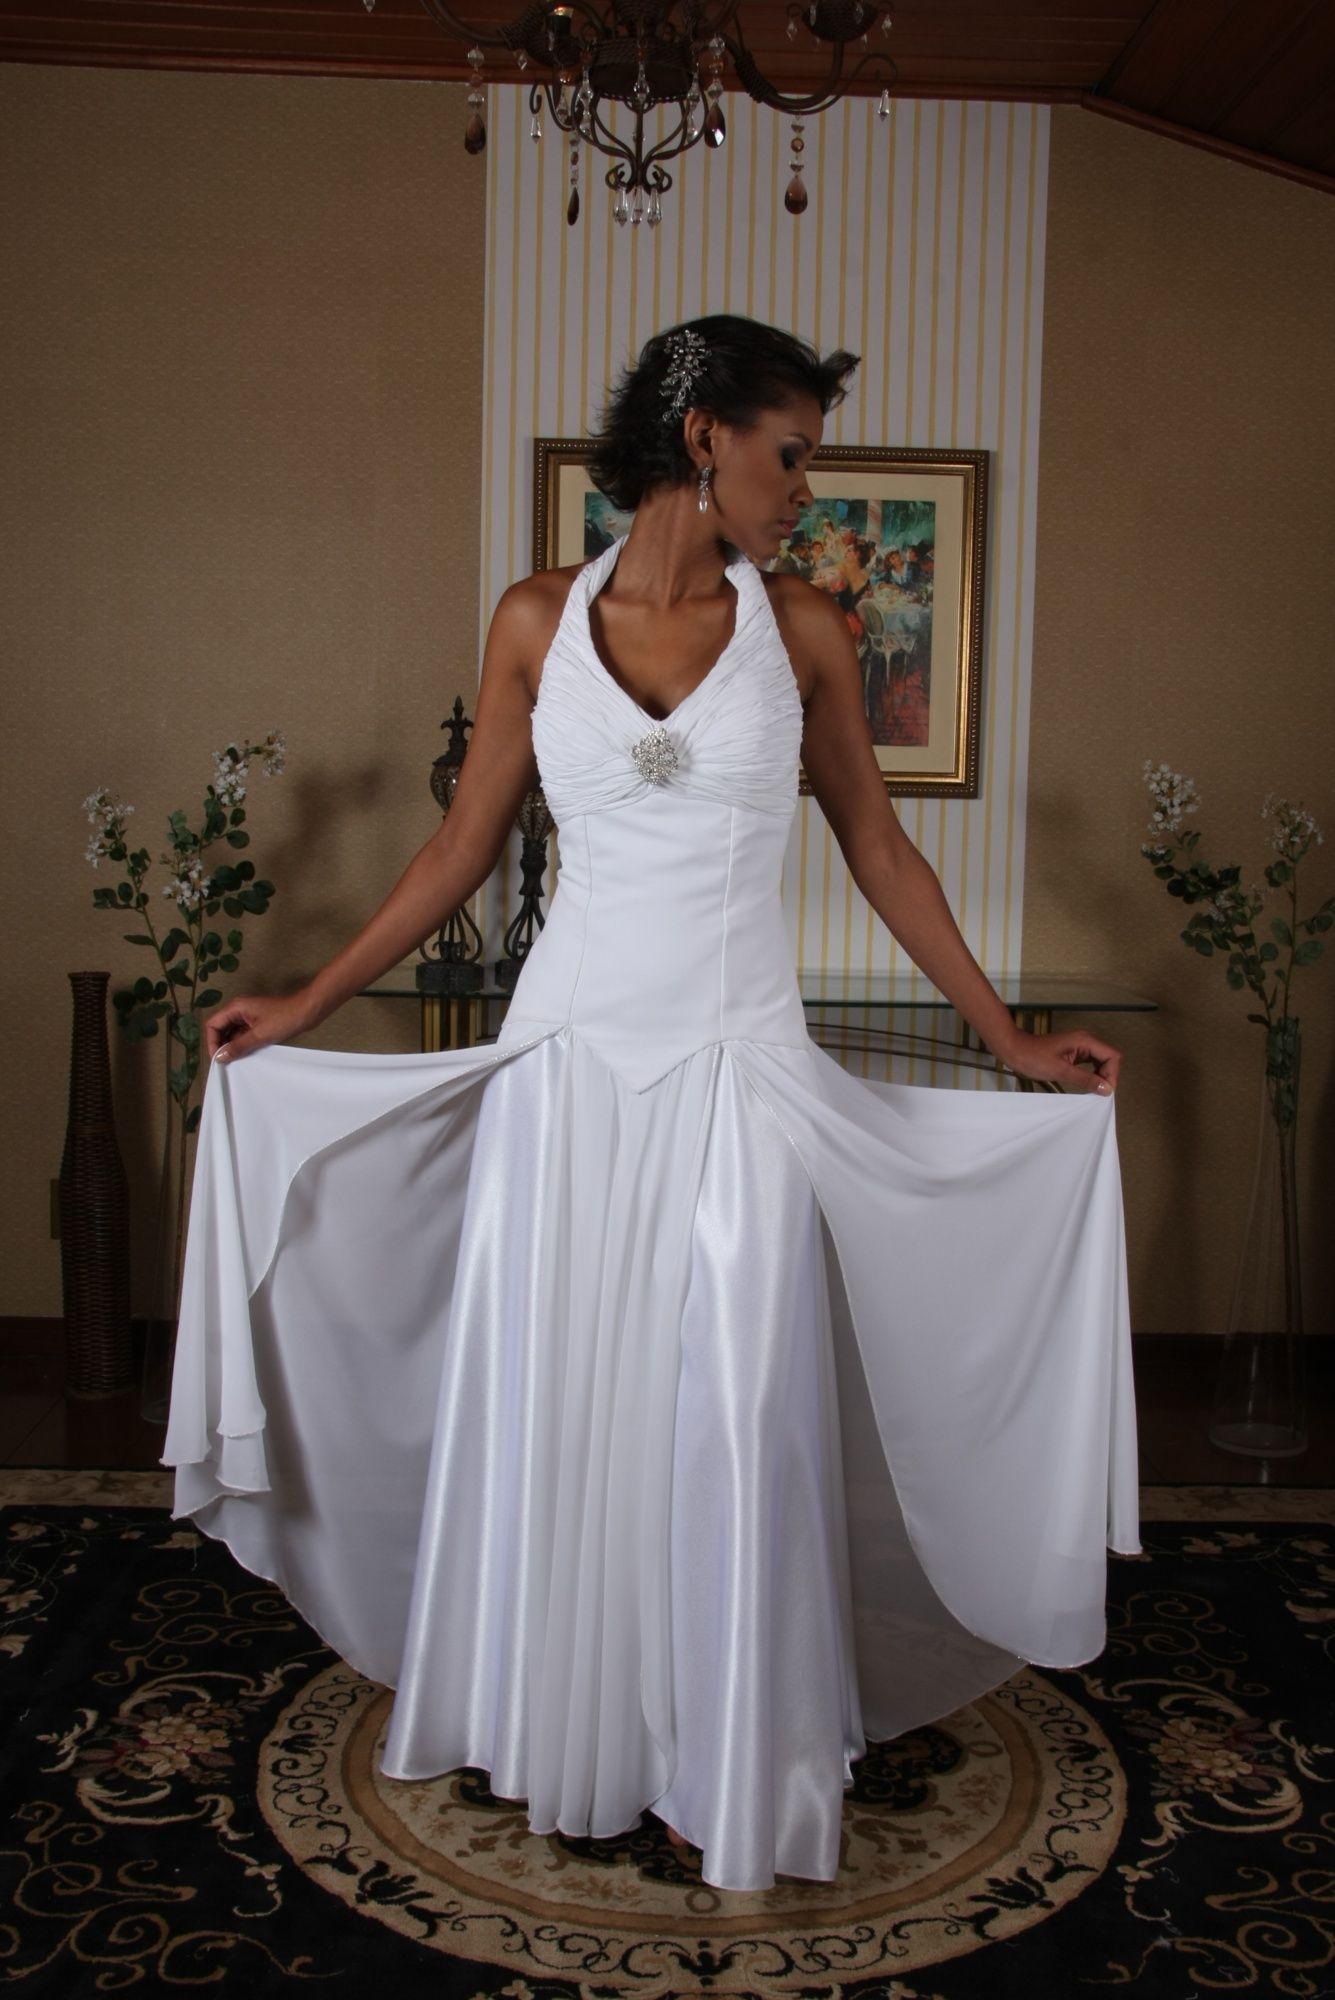 Vestido de Noiva Leve - 12 - Hipnose Alta Costura e Spa para Noivas e Noivos - Campinas - SP Vestido de Noiva, Vestido de Noiva Leve, Hipnose Alta Costura